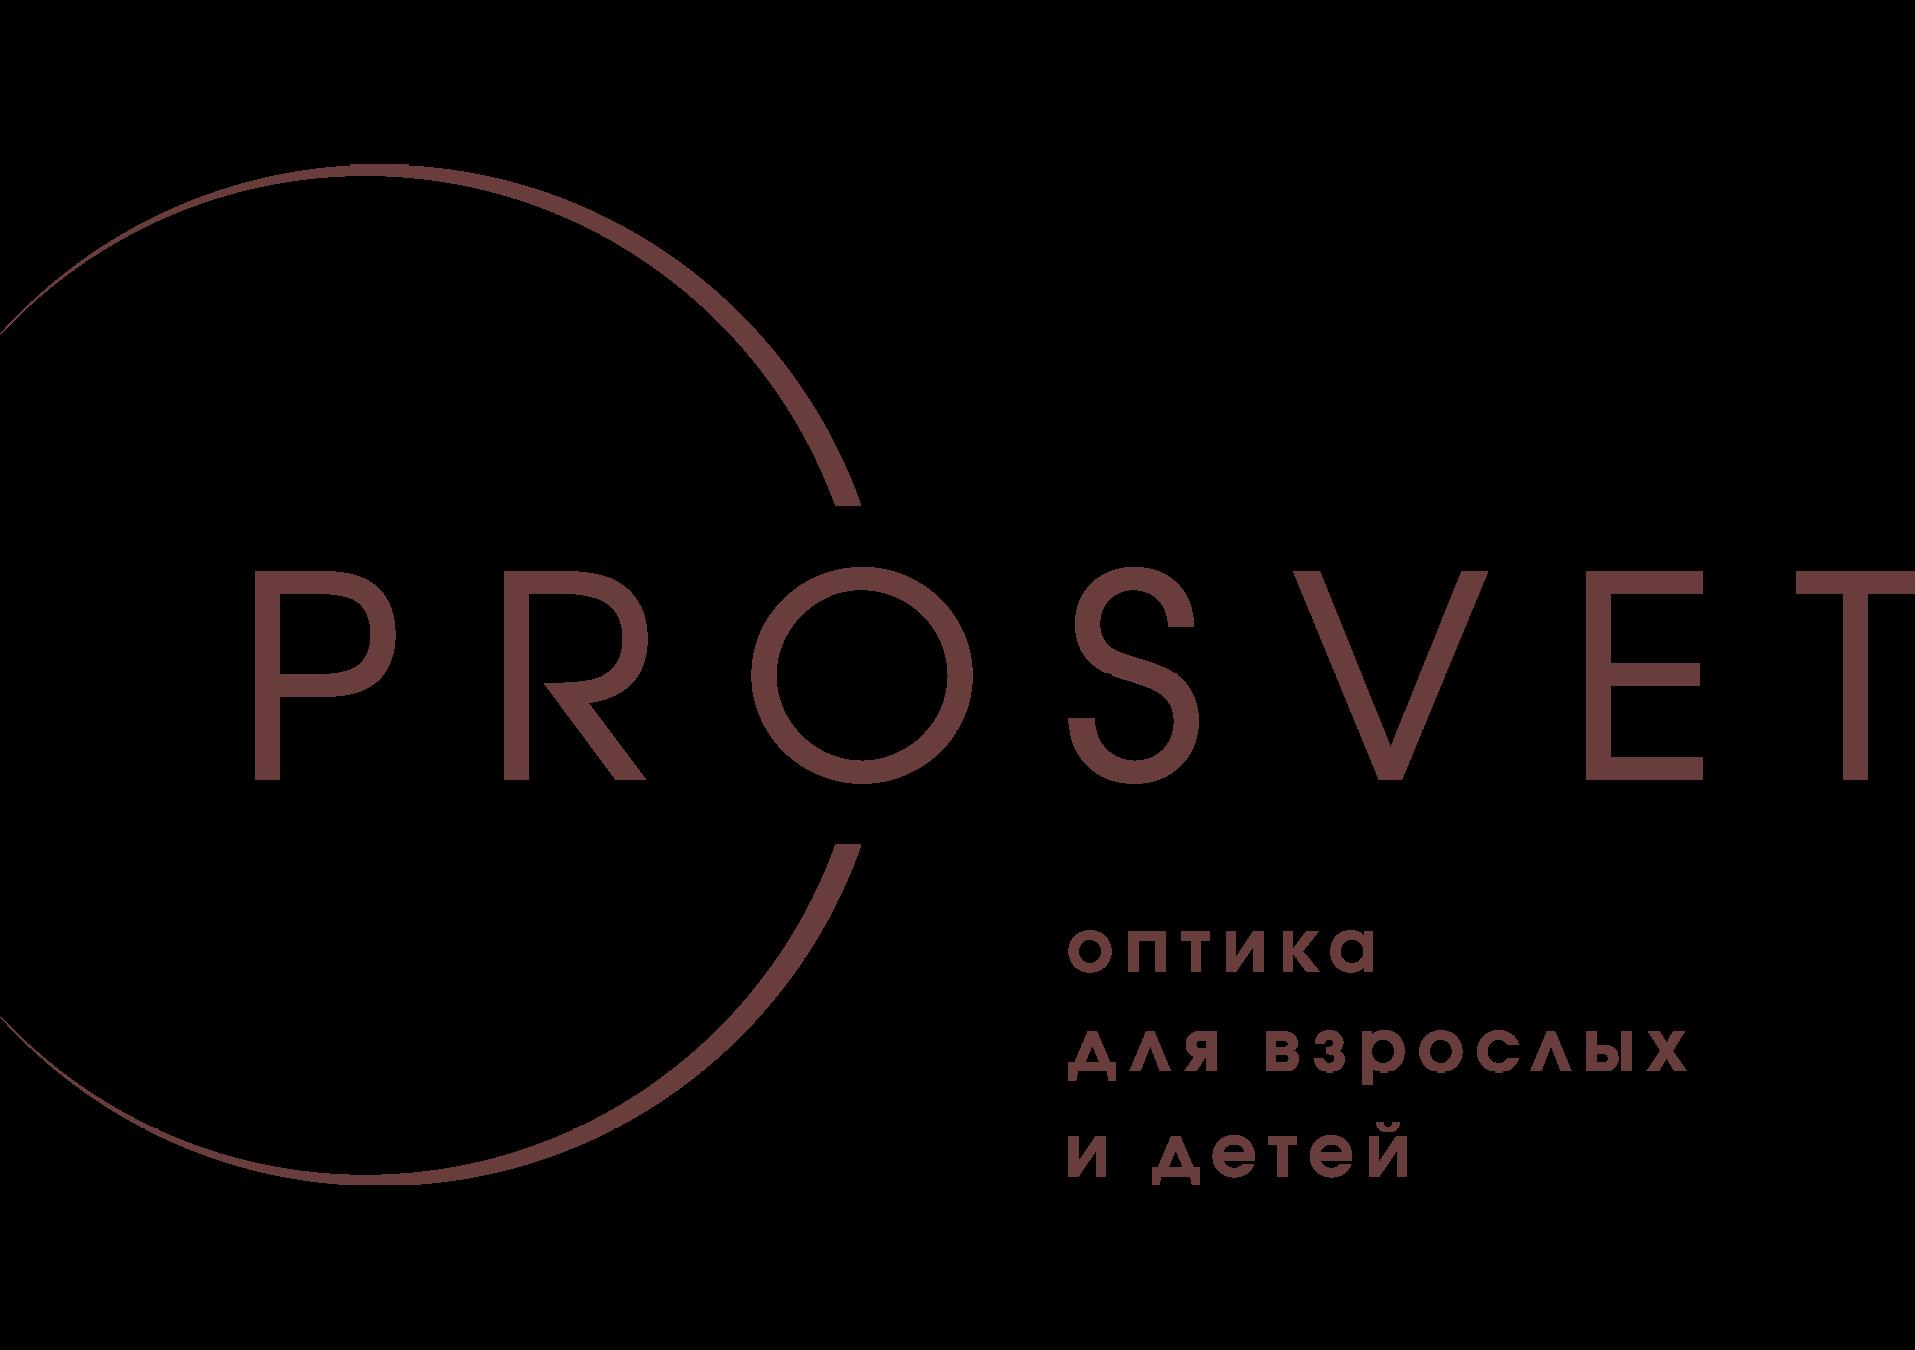 Оптика PROSVET в Подольске